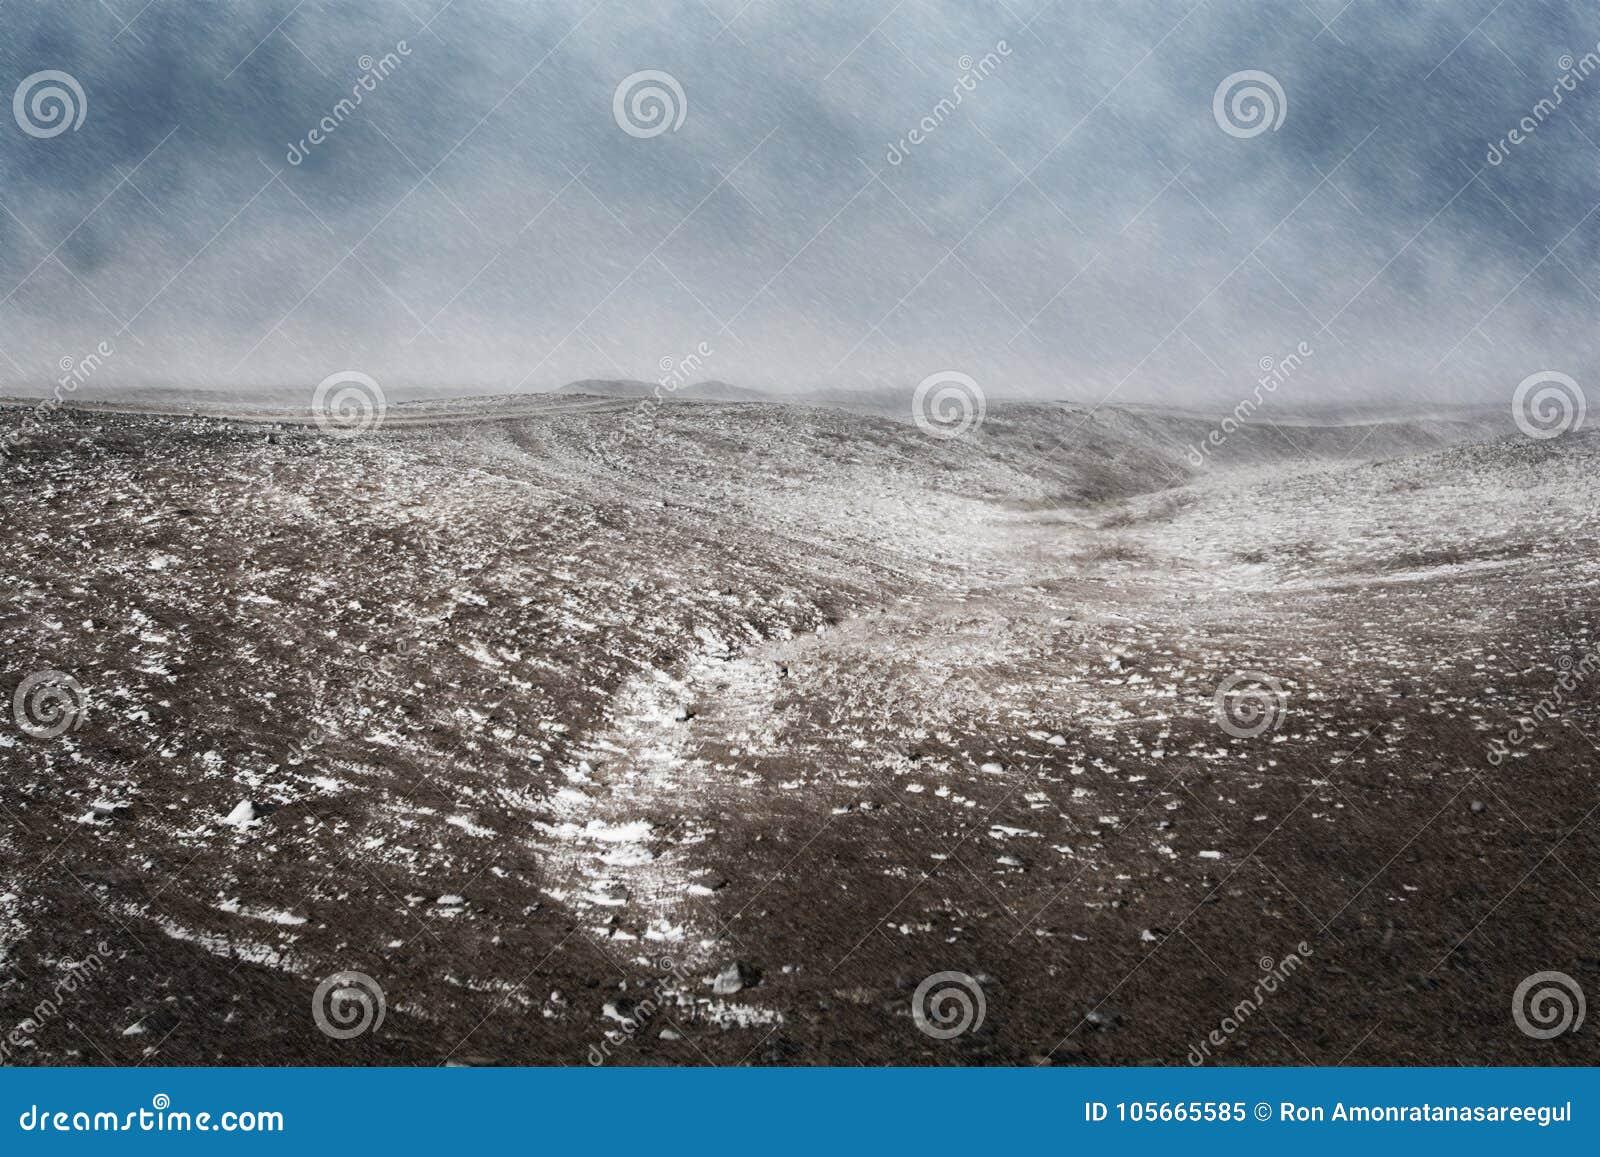 Zima, sceneria śnieżyca uderza łąki